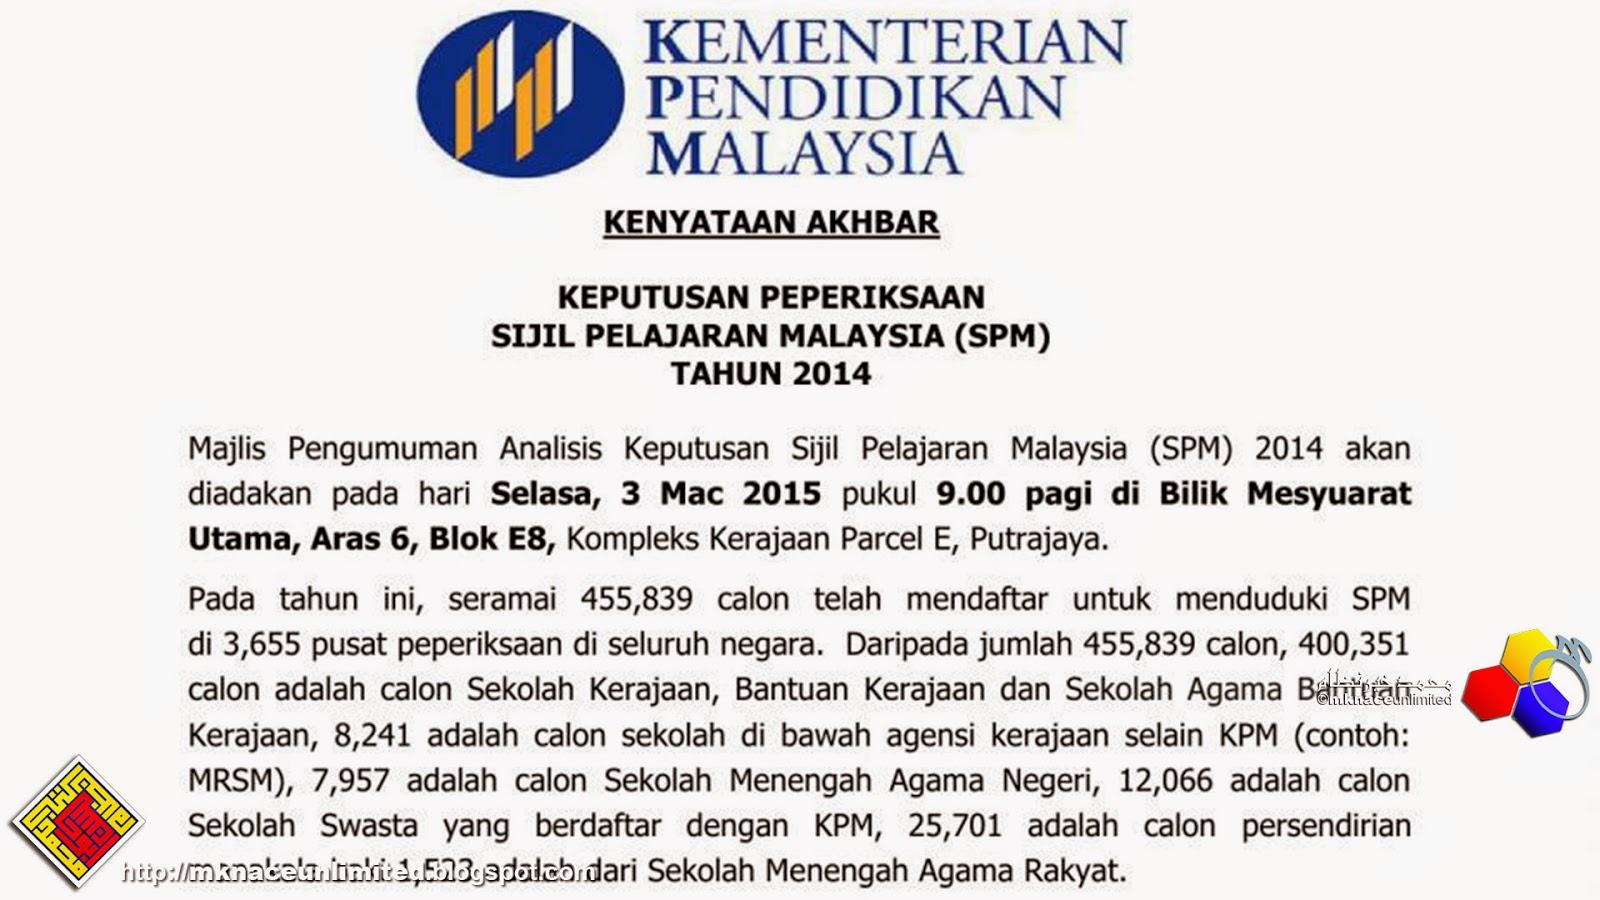 KENYATAAN AKHBAR  KEPUTUSAN PEPERIKSAAN SIJIL PELAJARAN MALAYSIA (SPM)  TAHUN 2014 66c865a6fa